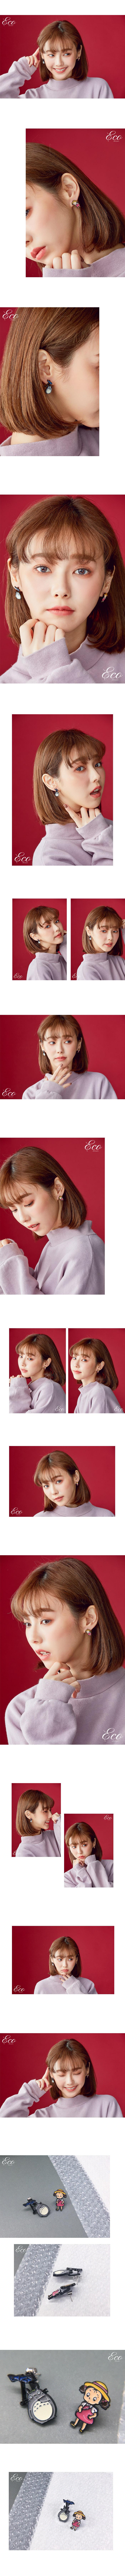 夾式耳環,耳夾式耳環,針式耳環,不對稱耳環,貼耳耳環,童趣耳環,卡通耳環,宮崎駿耳環,龍貓耳環,小梅耳環,日系耳環,可愛耳環,無耳洞耳環,正韓飾品,韓貨耳環